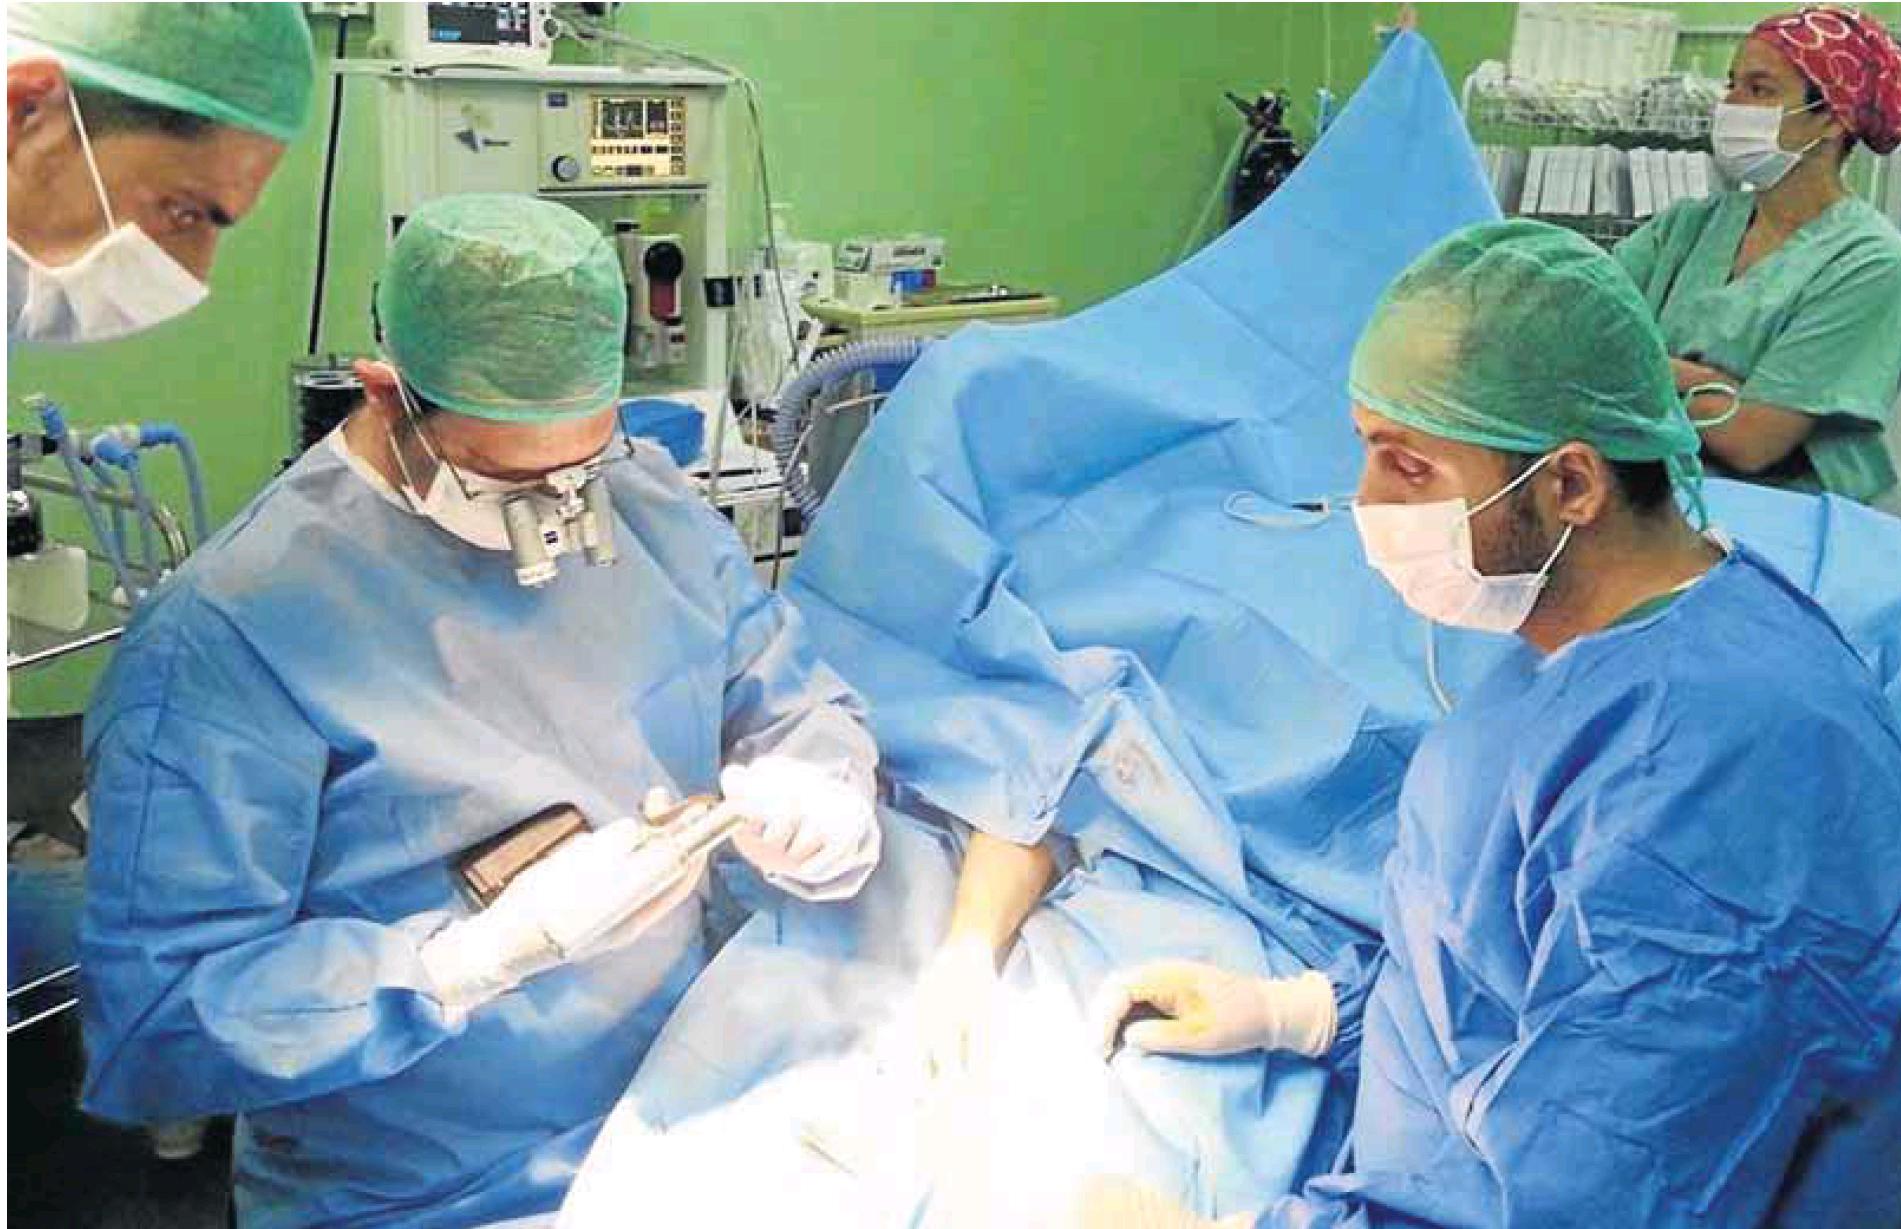 El Dr. Higinio Ayala regresa de su 3º misión en Gaza después de operar a casi 40 pacientes, niños en su mayoría